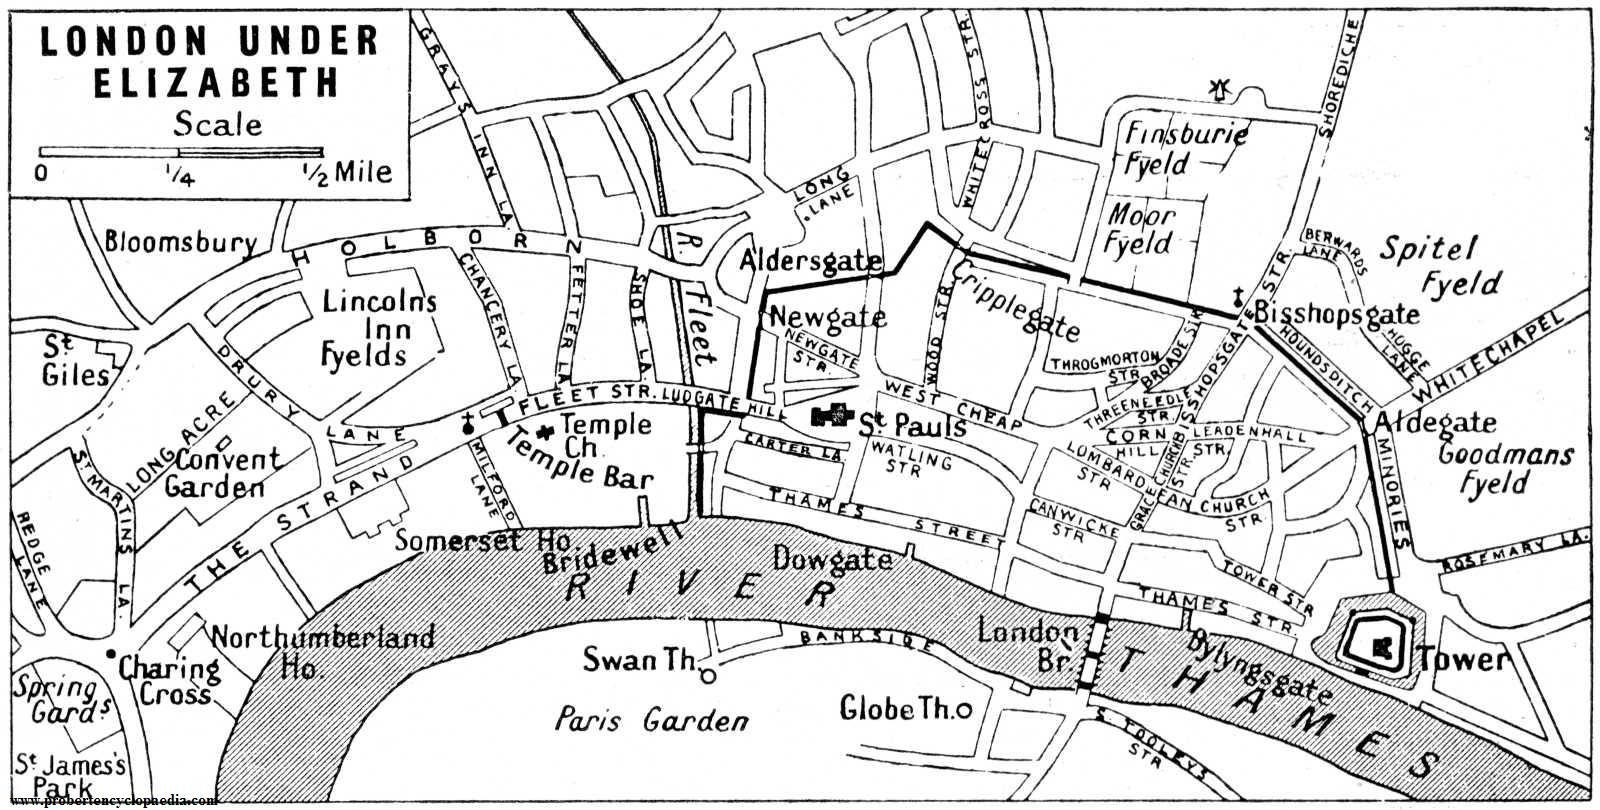 Map Of Elizabeth S London